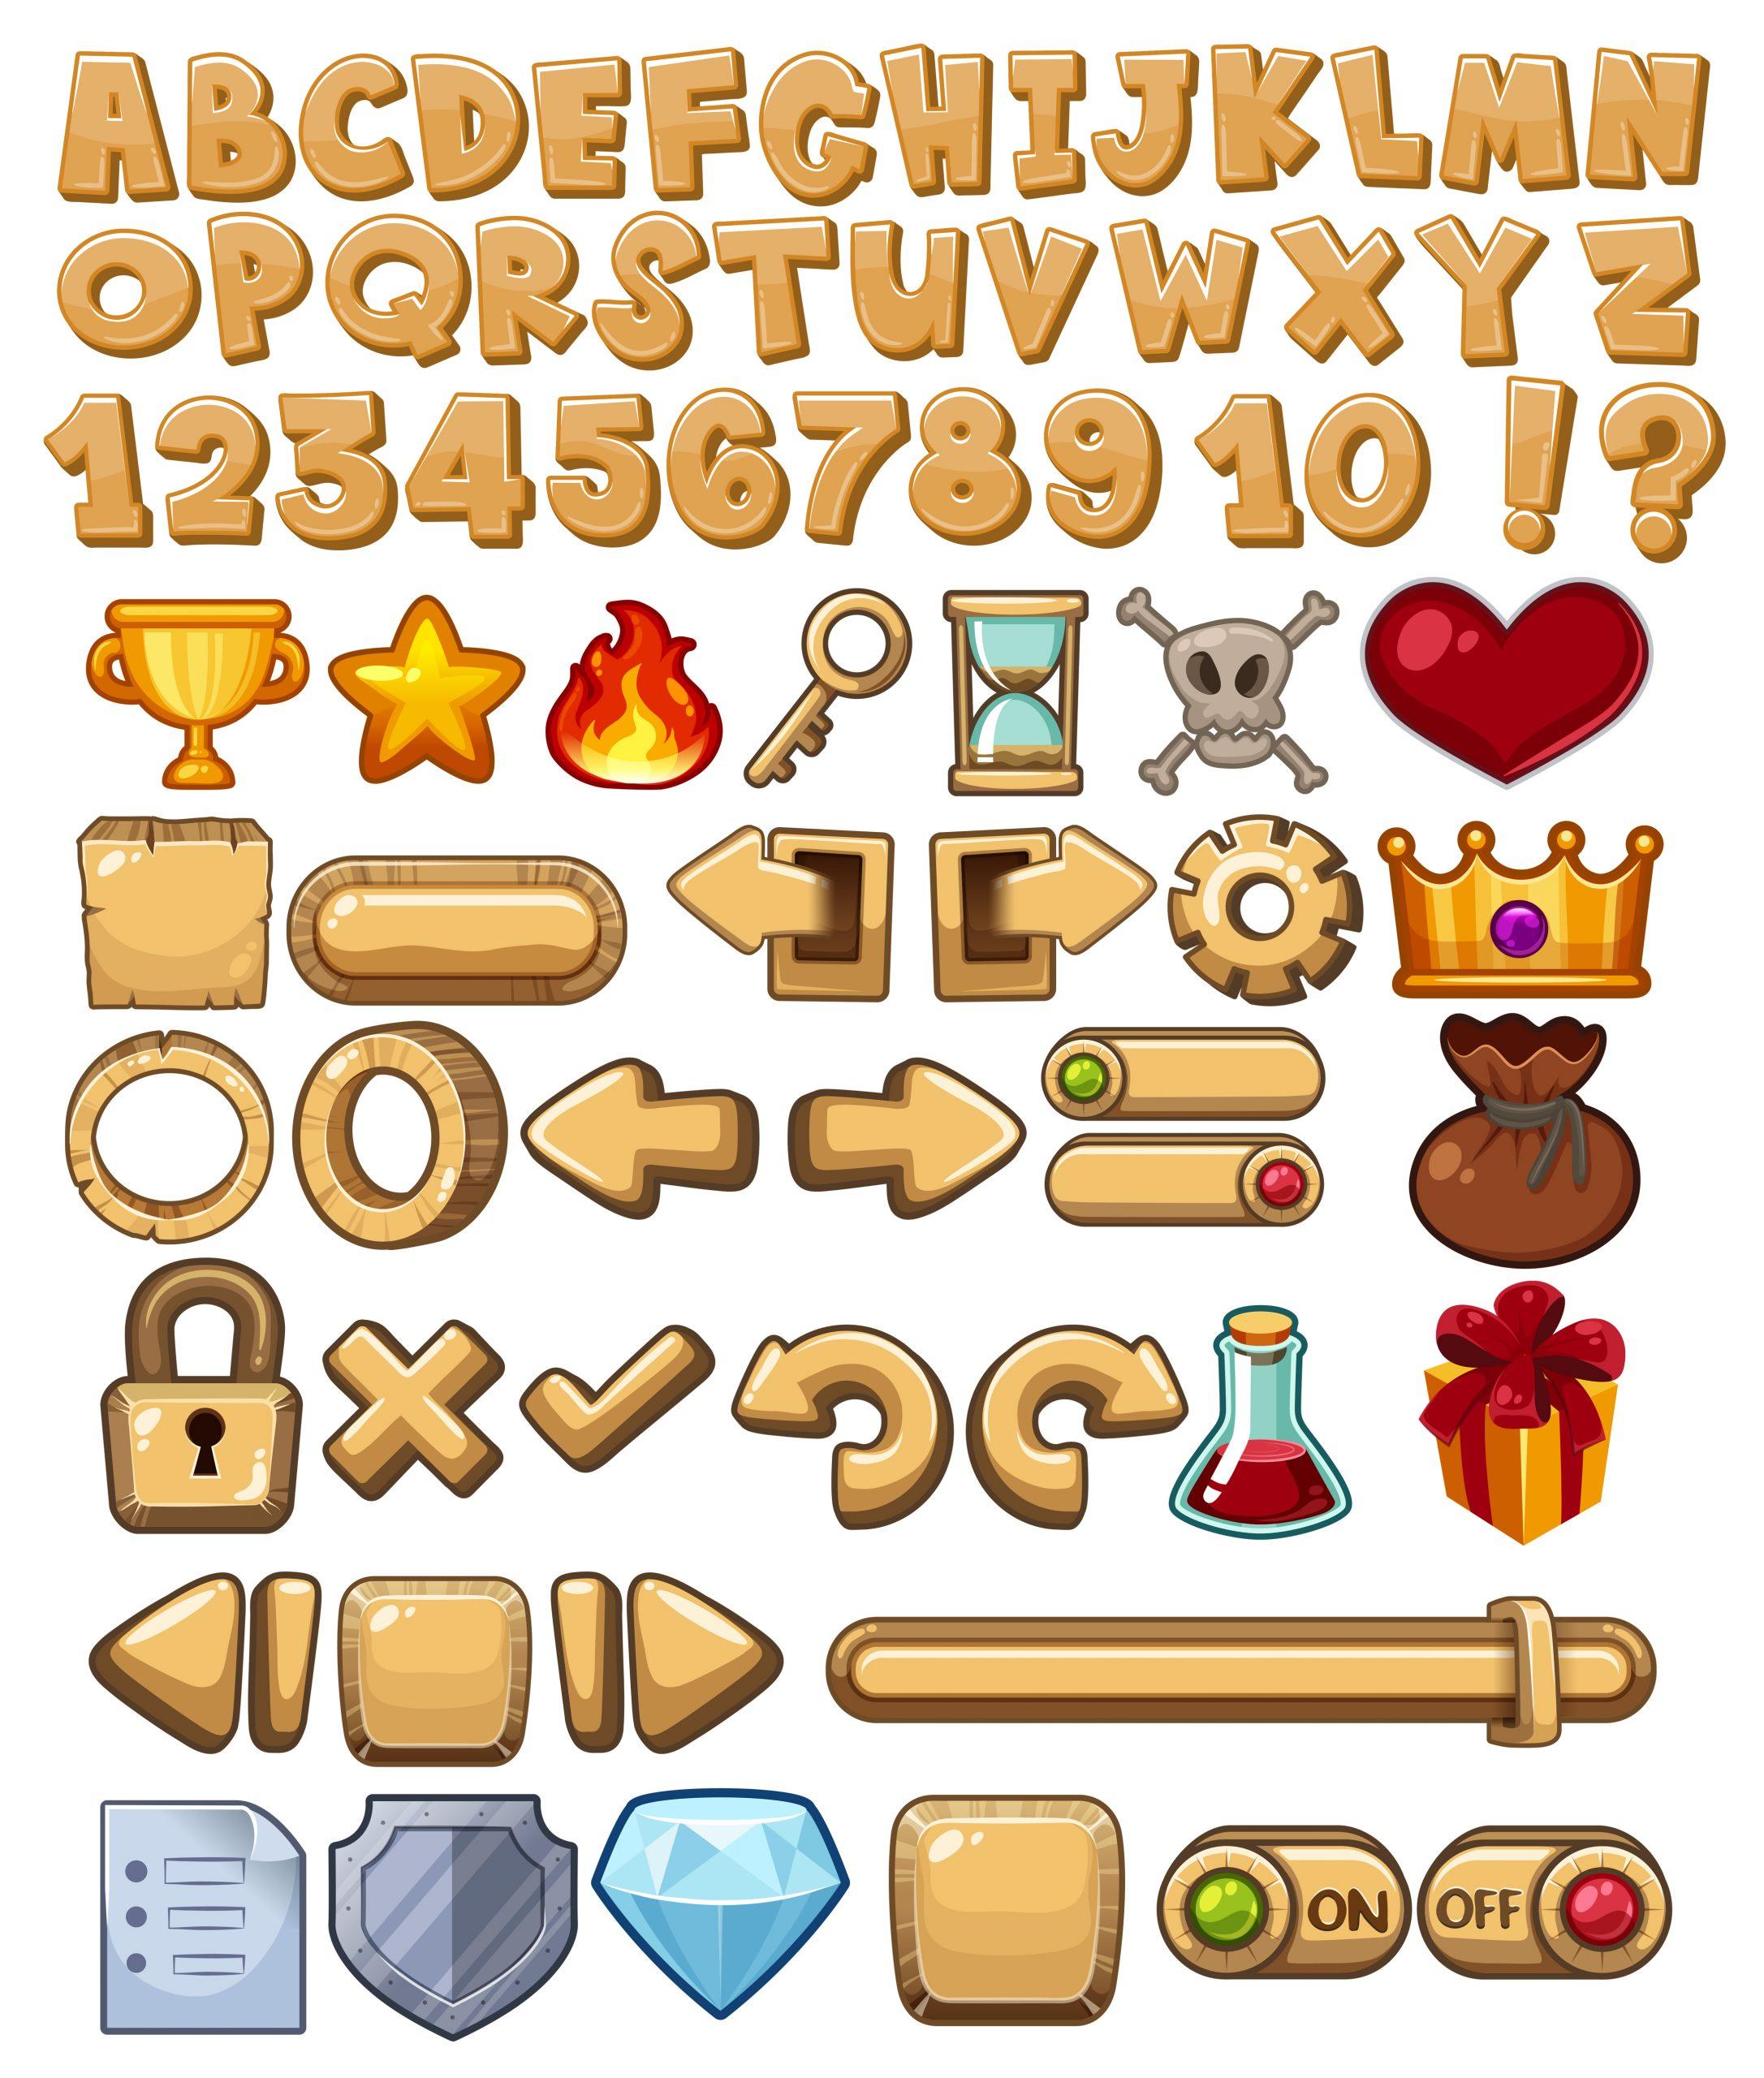 Alphabet Et Icône Du Jeu - Telecharger Vectoriel Gratuit encequiconcerne Jeux Alphabet Maternelle Gratuit